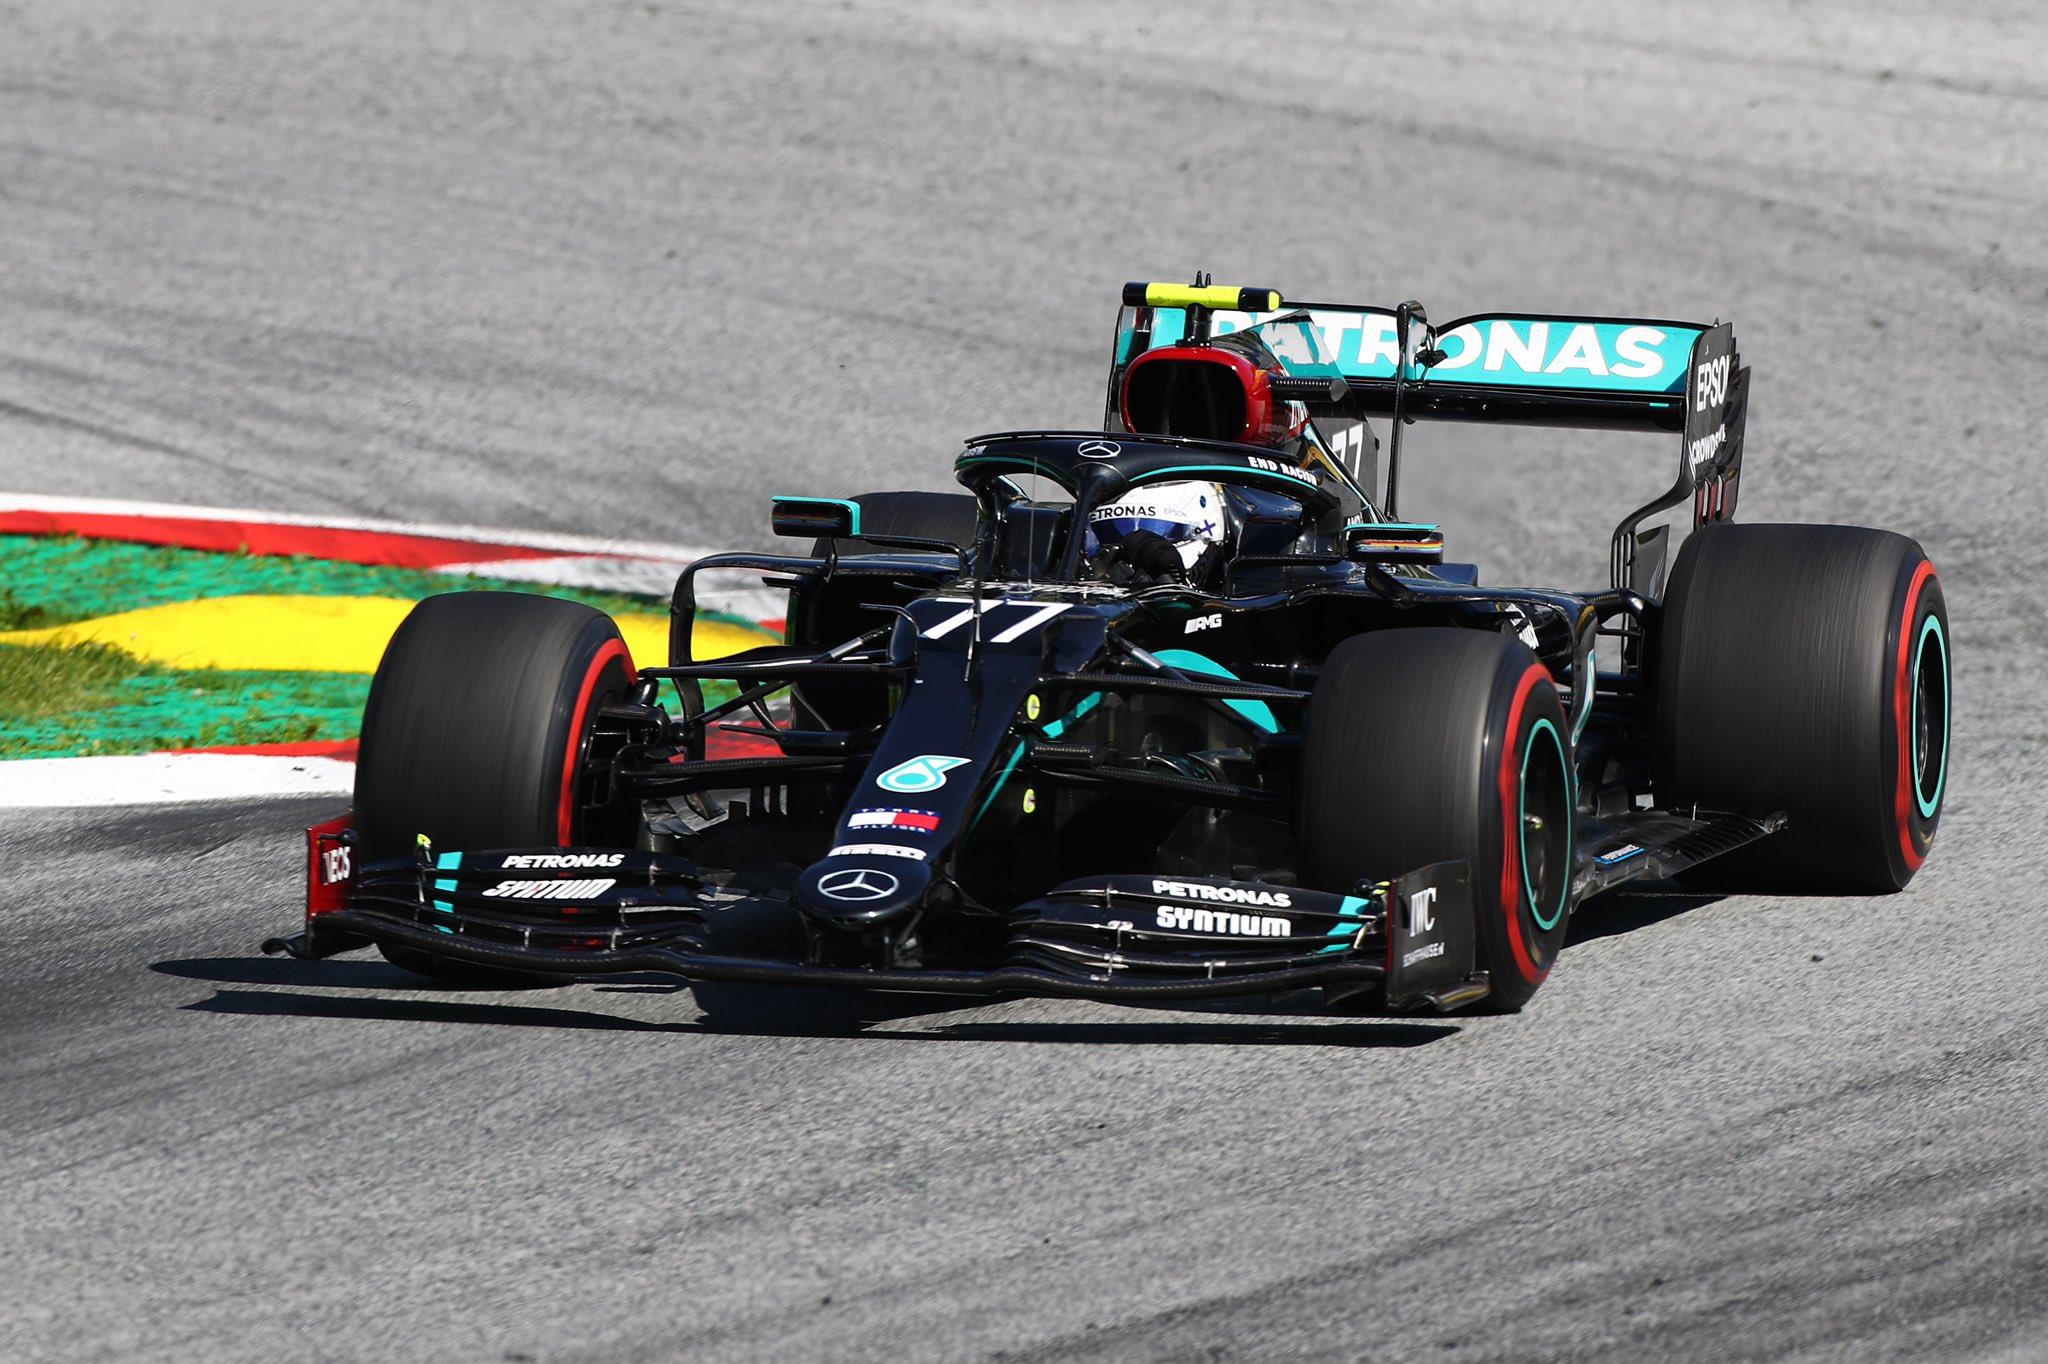 Валттери Боттас выиграл сумасшедший Гран-при Австрии, Леклер и Норрис дополнили подиум